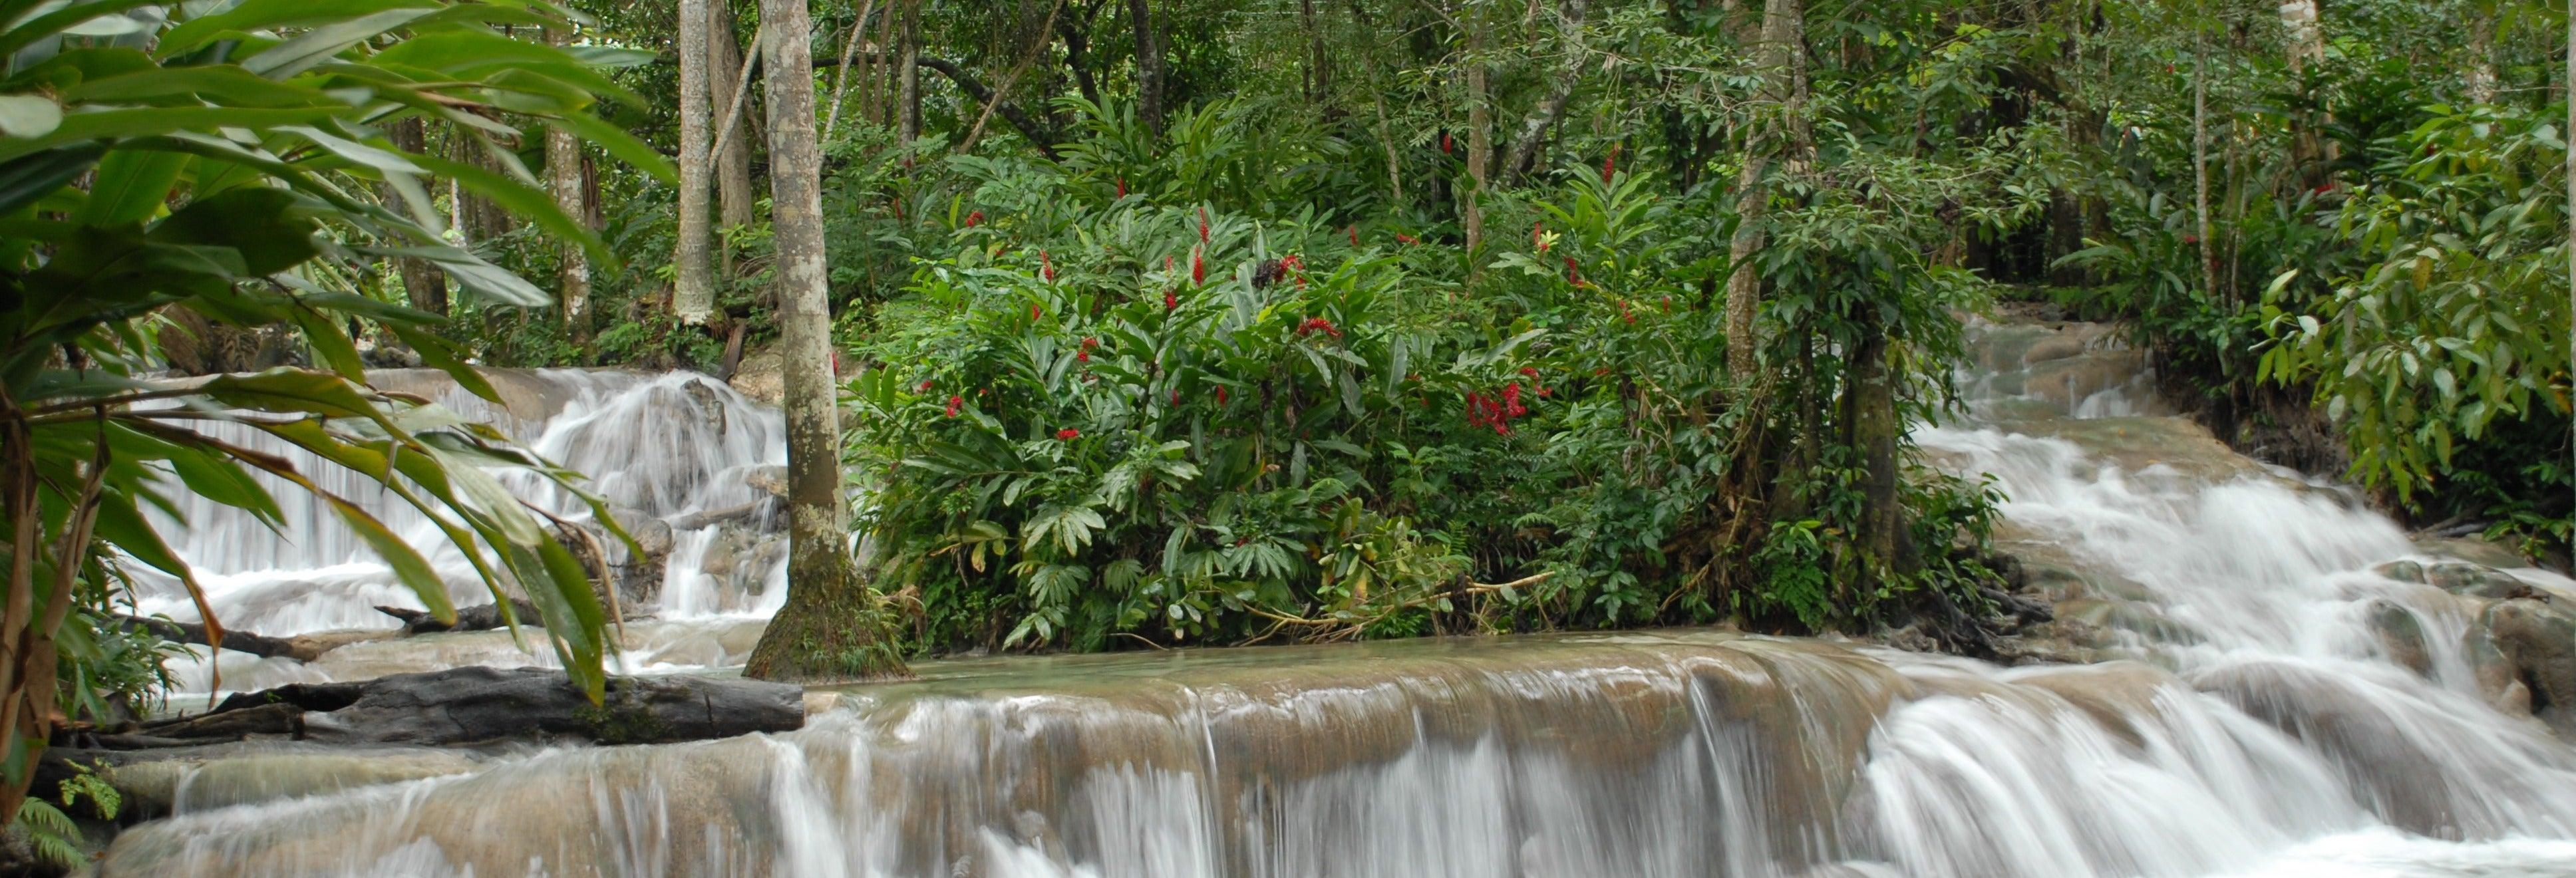 Escursione alle cascate del fiume Dunn